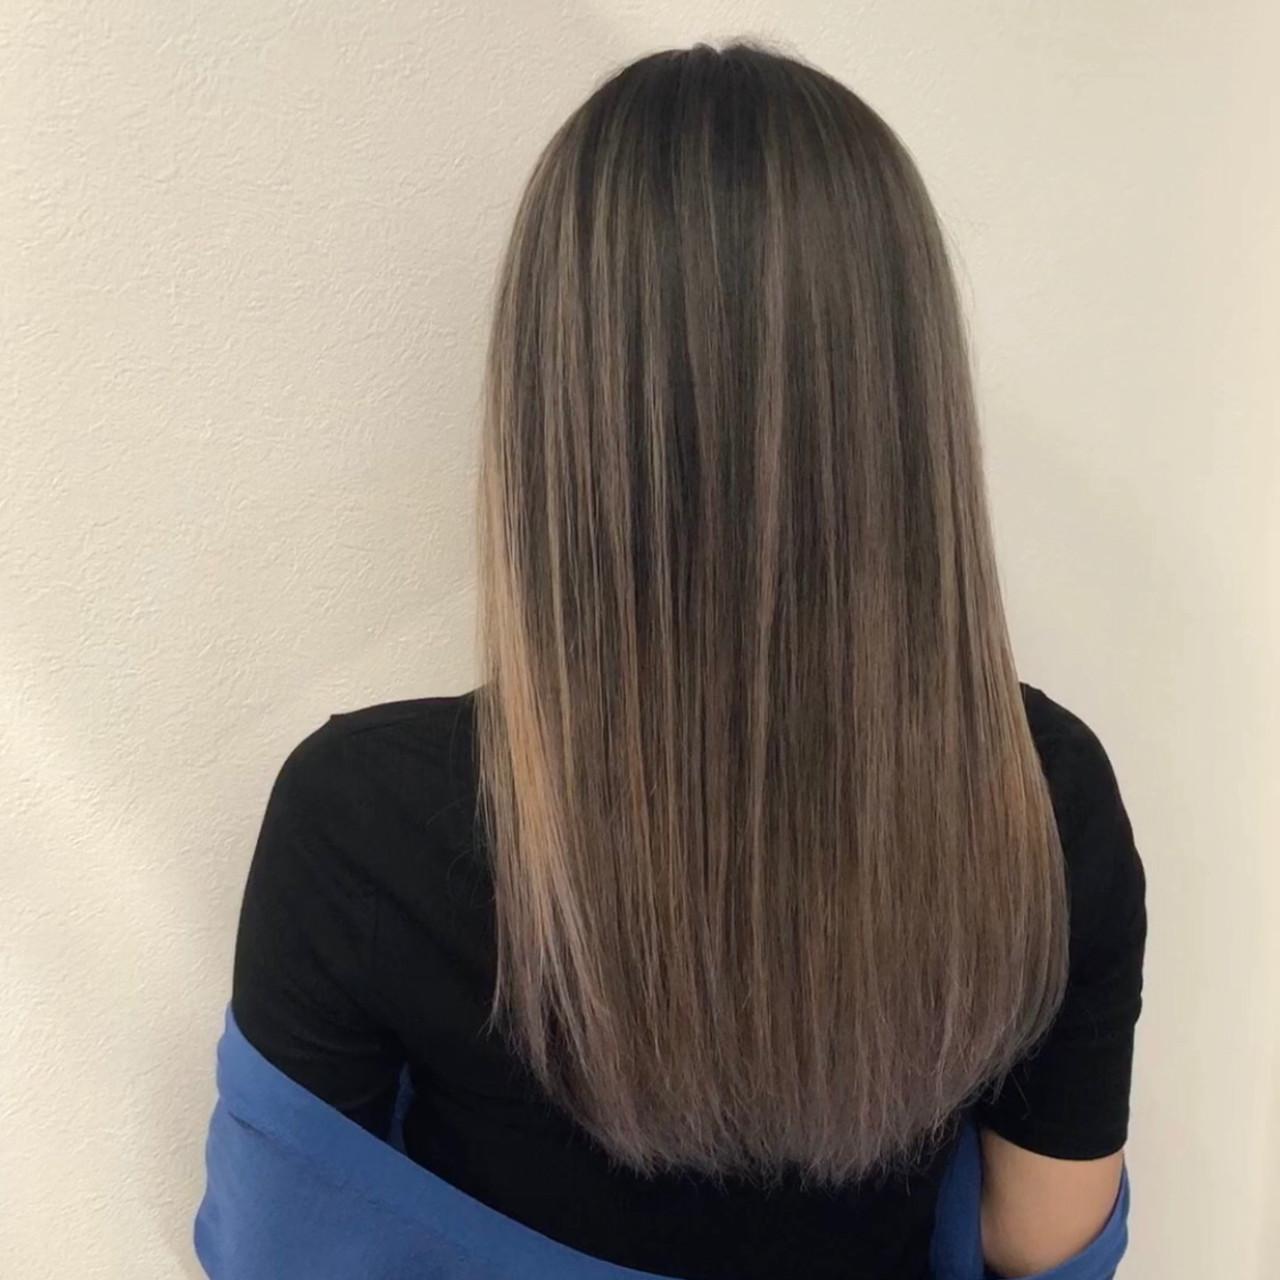 バレイヤージュ 外国人風カラー セミロング アッシュベージュ ヘアスタイルや髪型の写真・画像 | アンドウ ユウ / agu hair edge